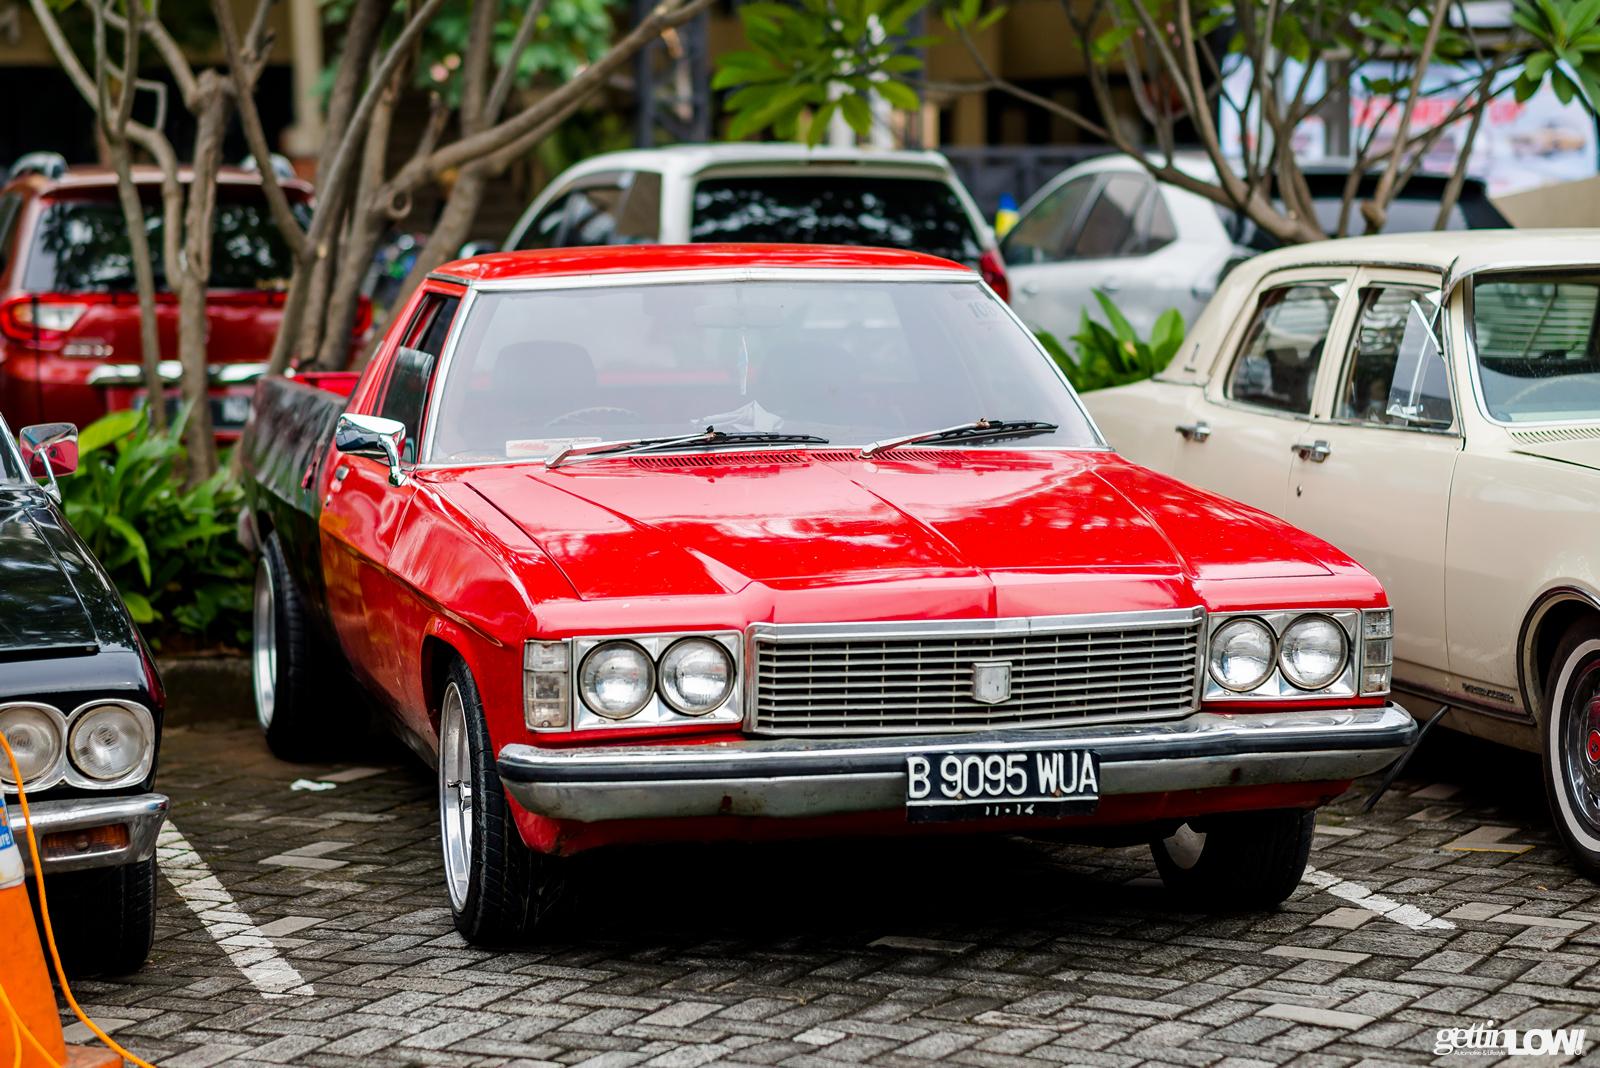 Holden Indonesia Meet Up 2017